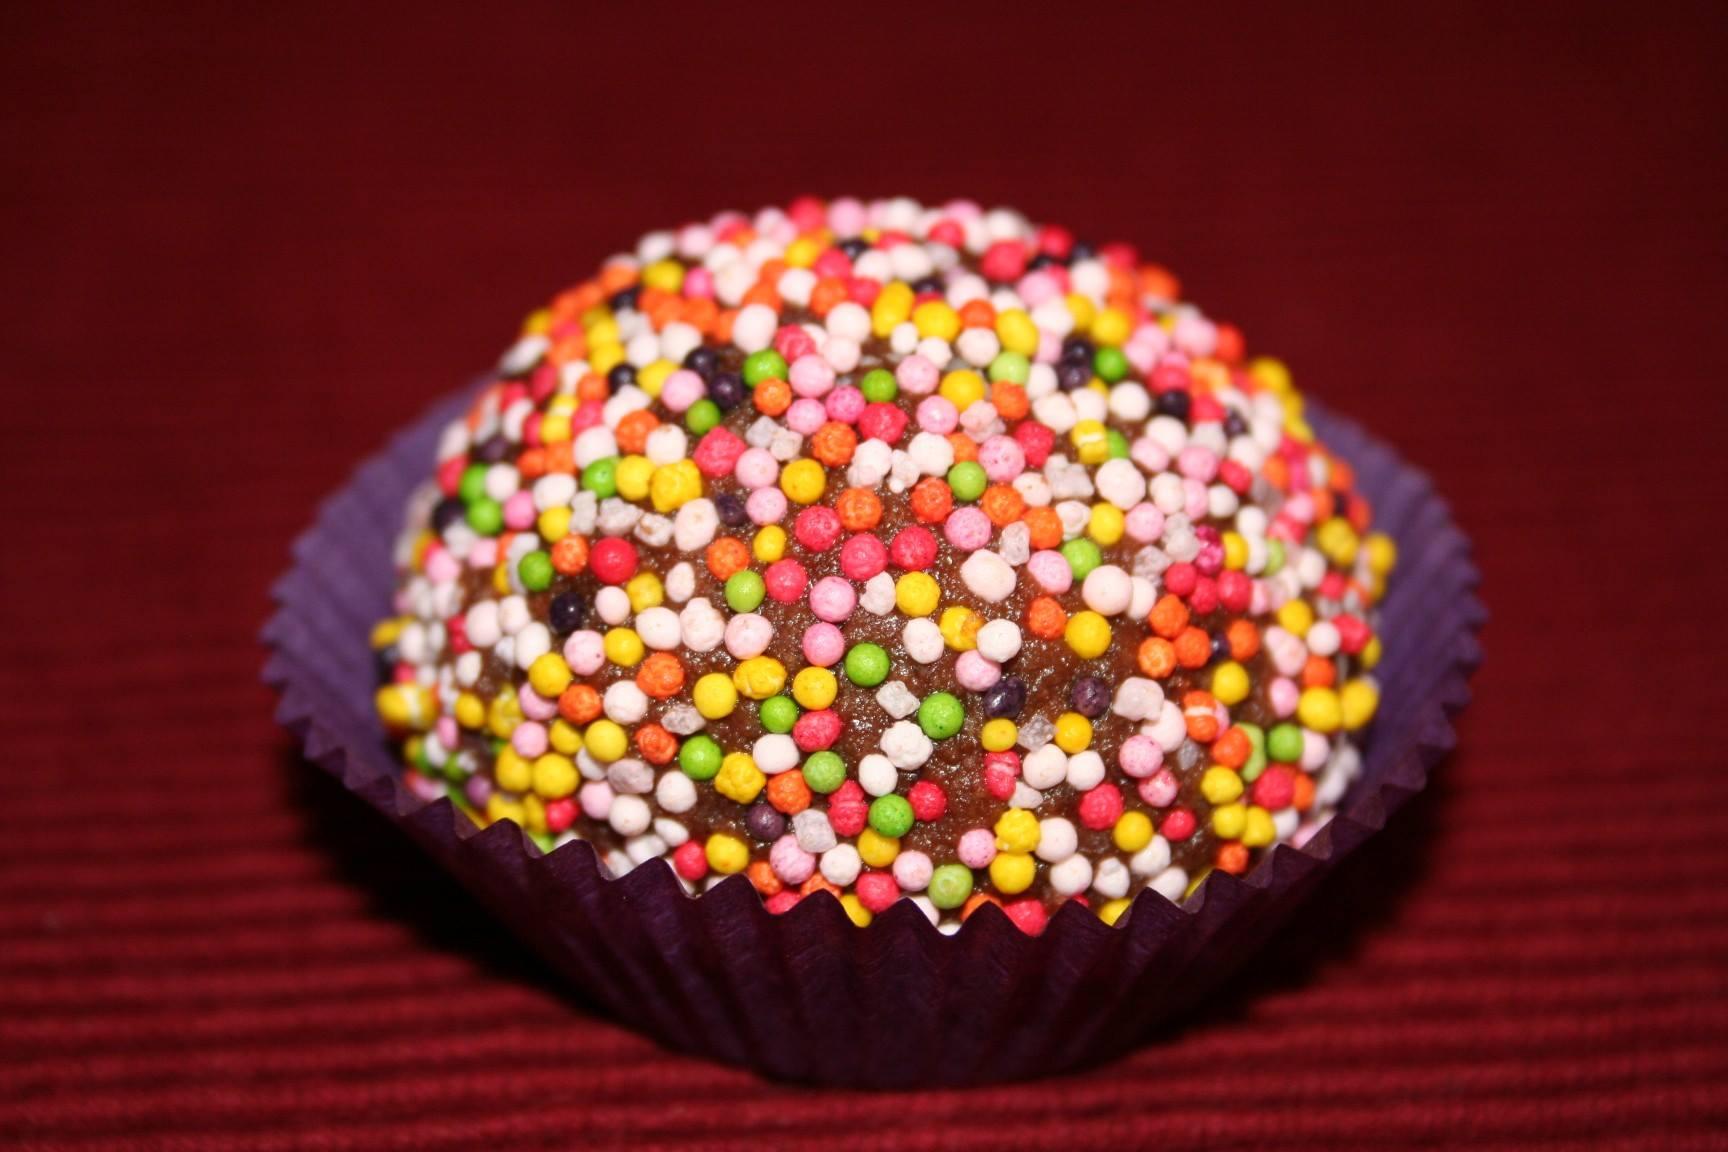 כדורי שוקולד פרווה